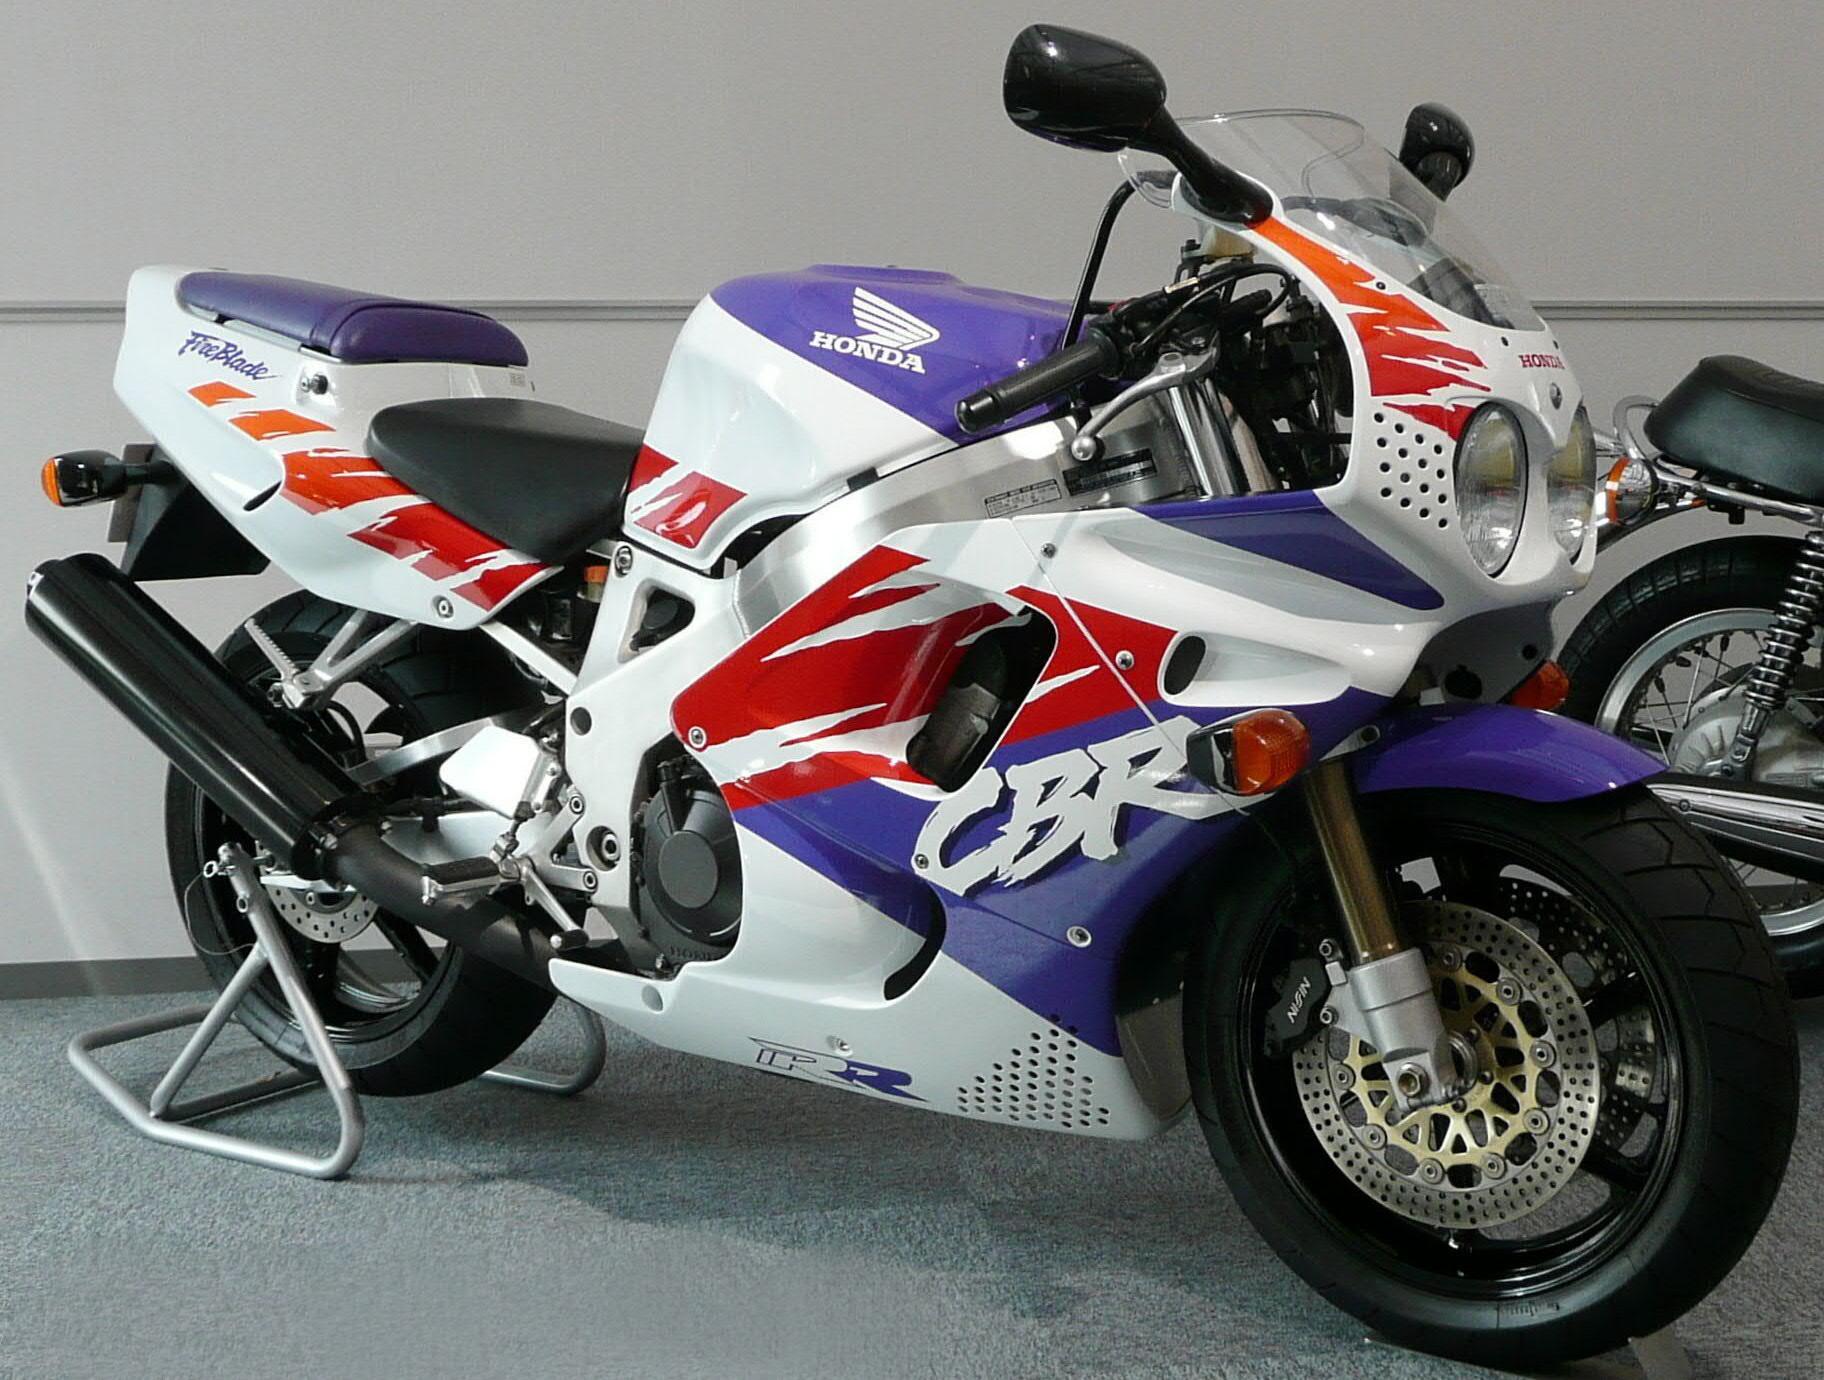 90s Sports Bikes - Honda CBR